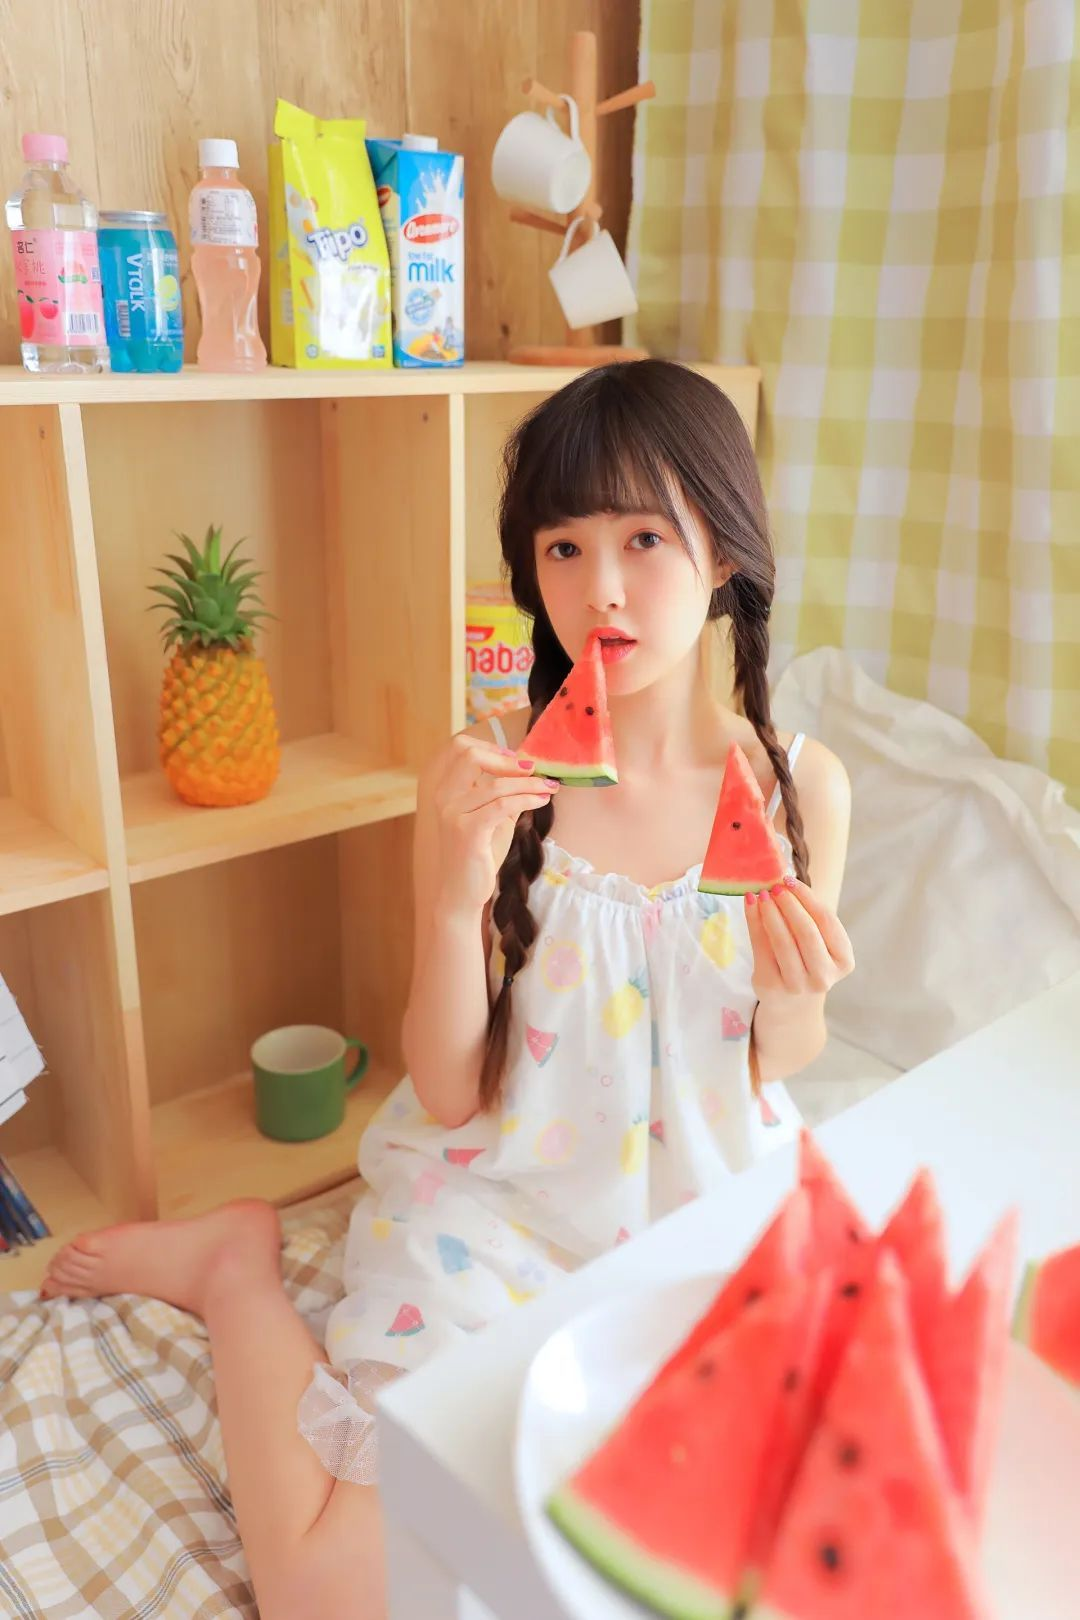 妹子摄影 – 甜美连衣裙双马尾少女吃西瓜_图片 No.15